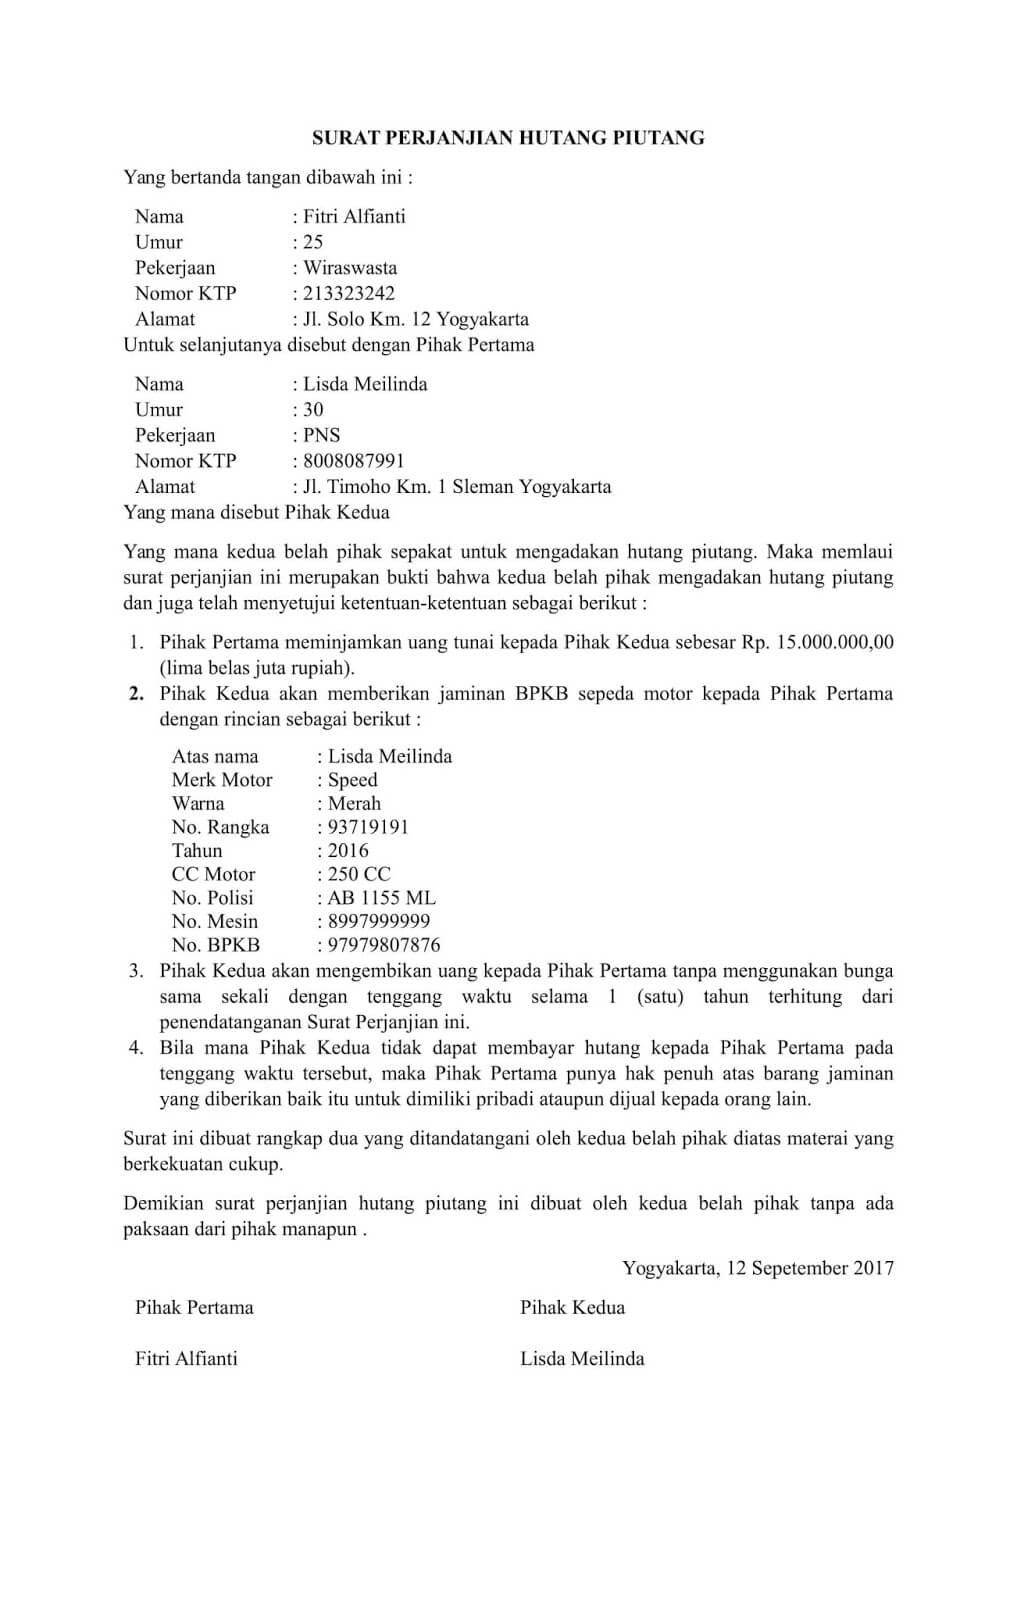 Contoh Surat Pernyataan Pelunasan Hutang Piutang